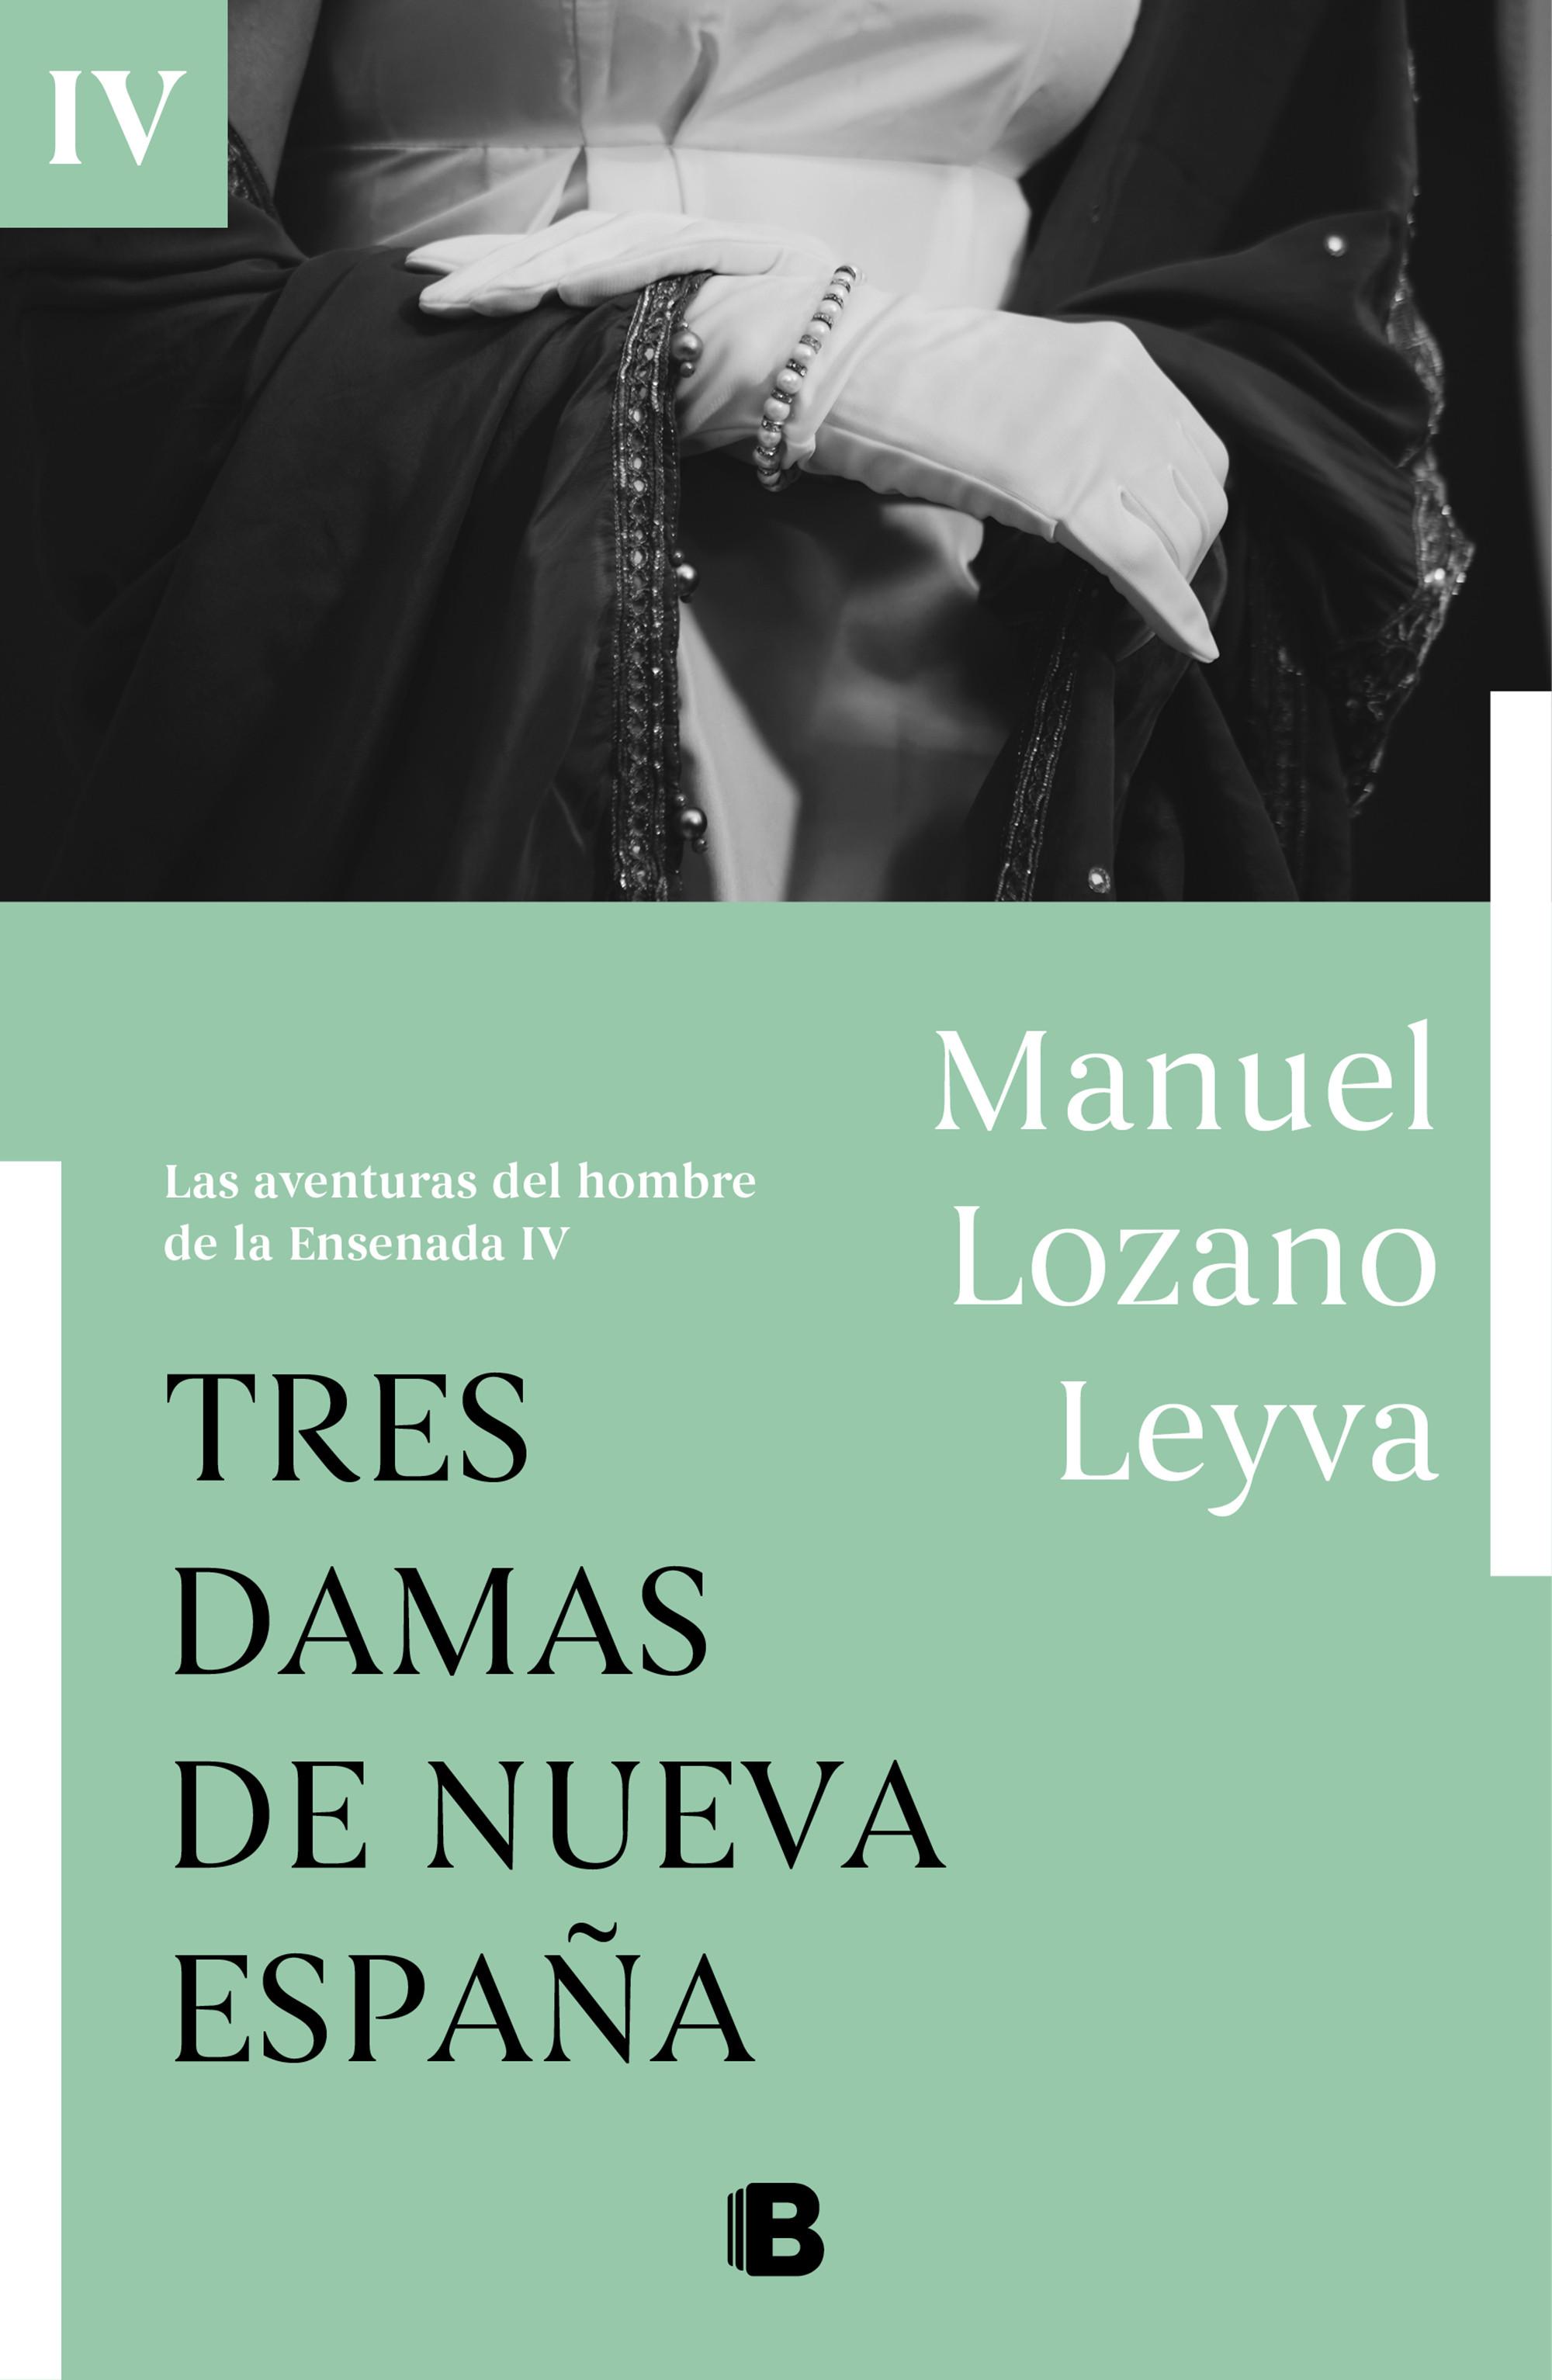 Tres damas de Nueva España (Las aventuras del hombre de la Ensenada IV)